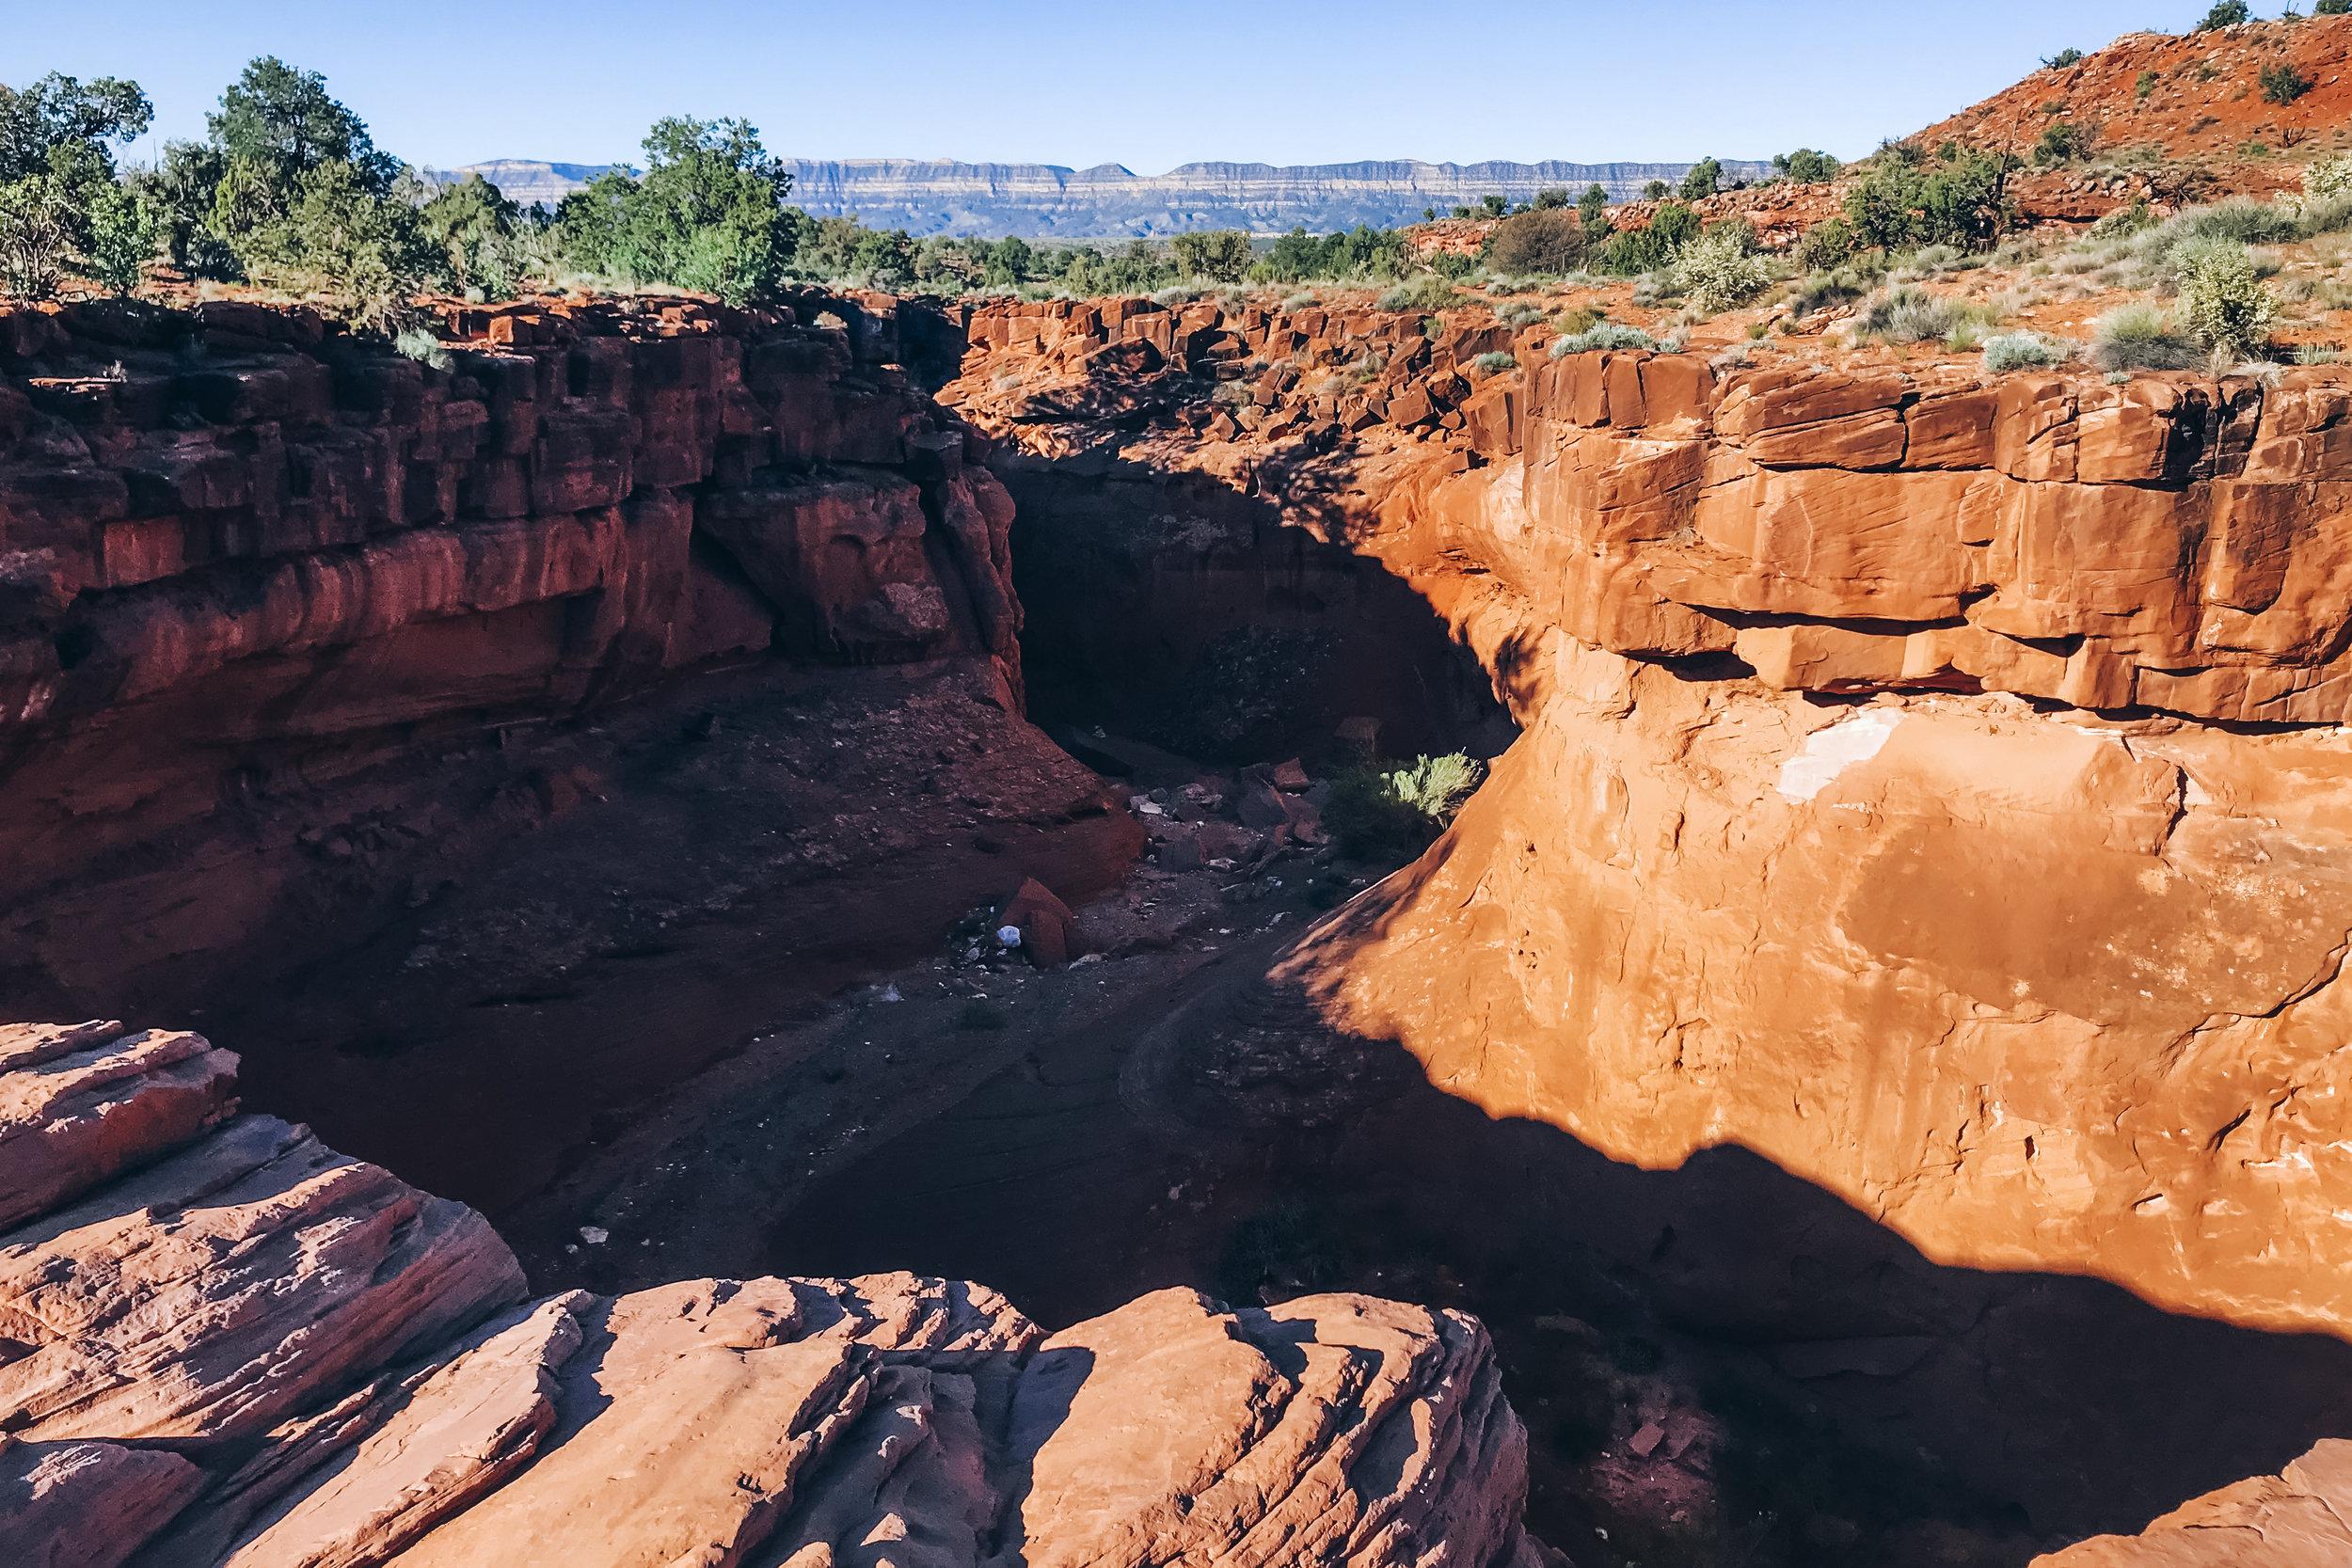 Egypt-1-slot-canyon-4221.jpg